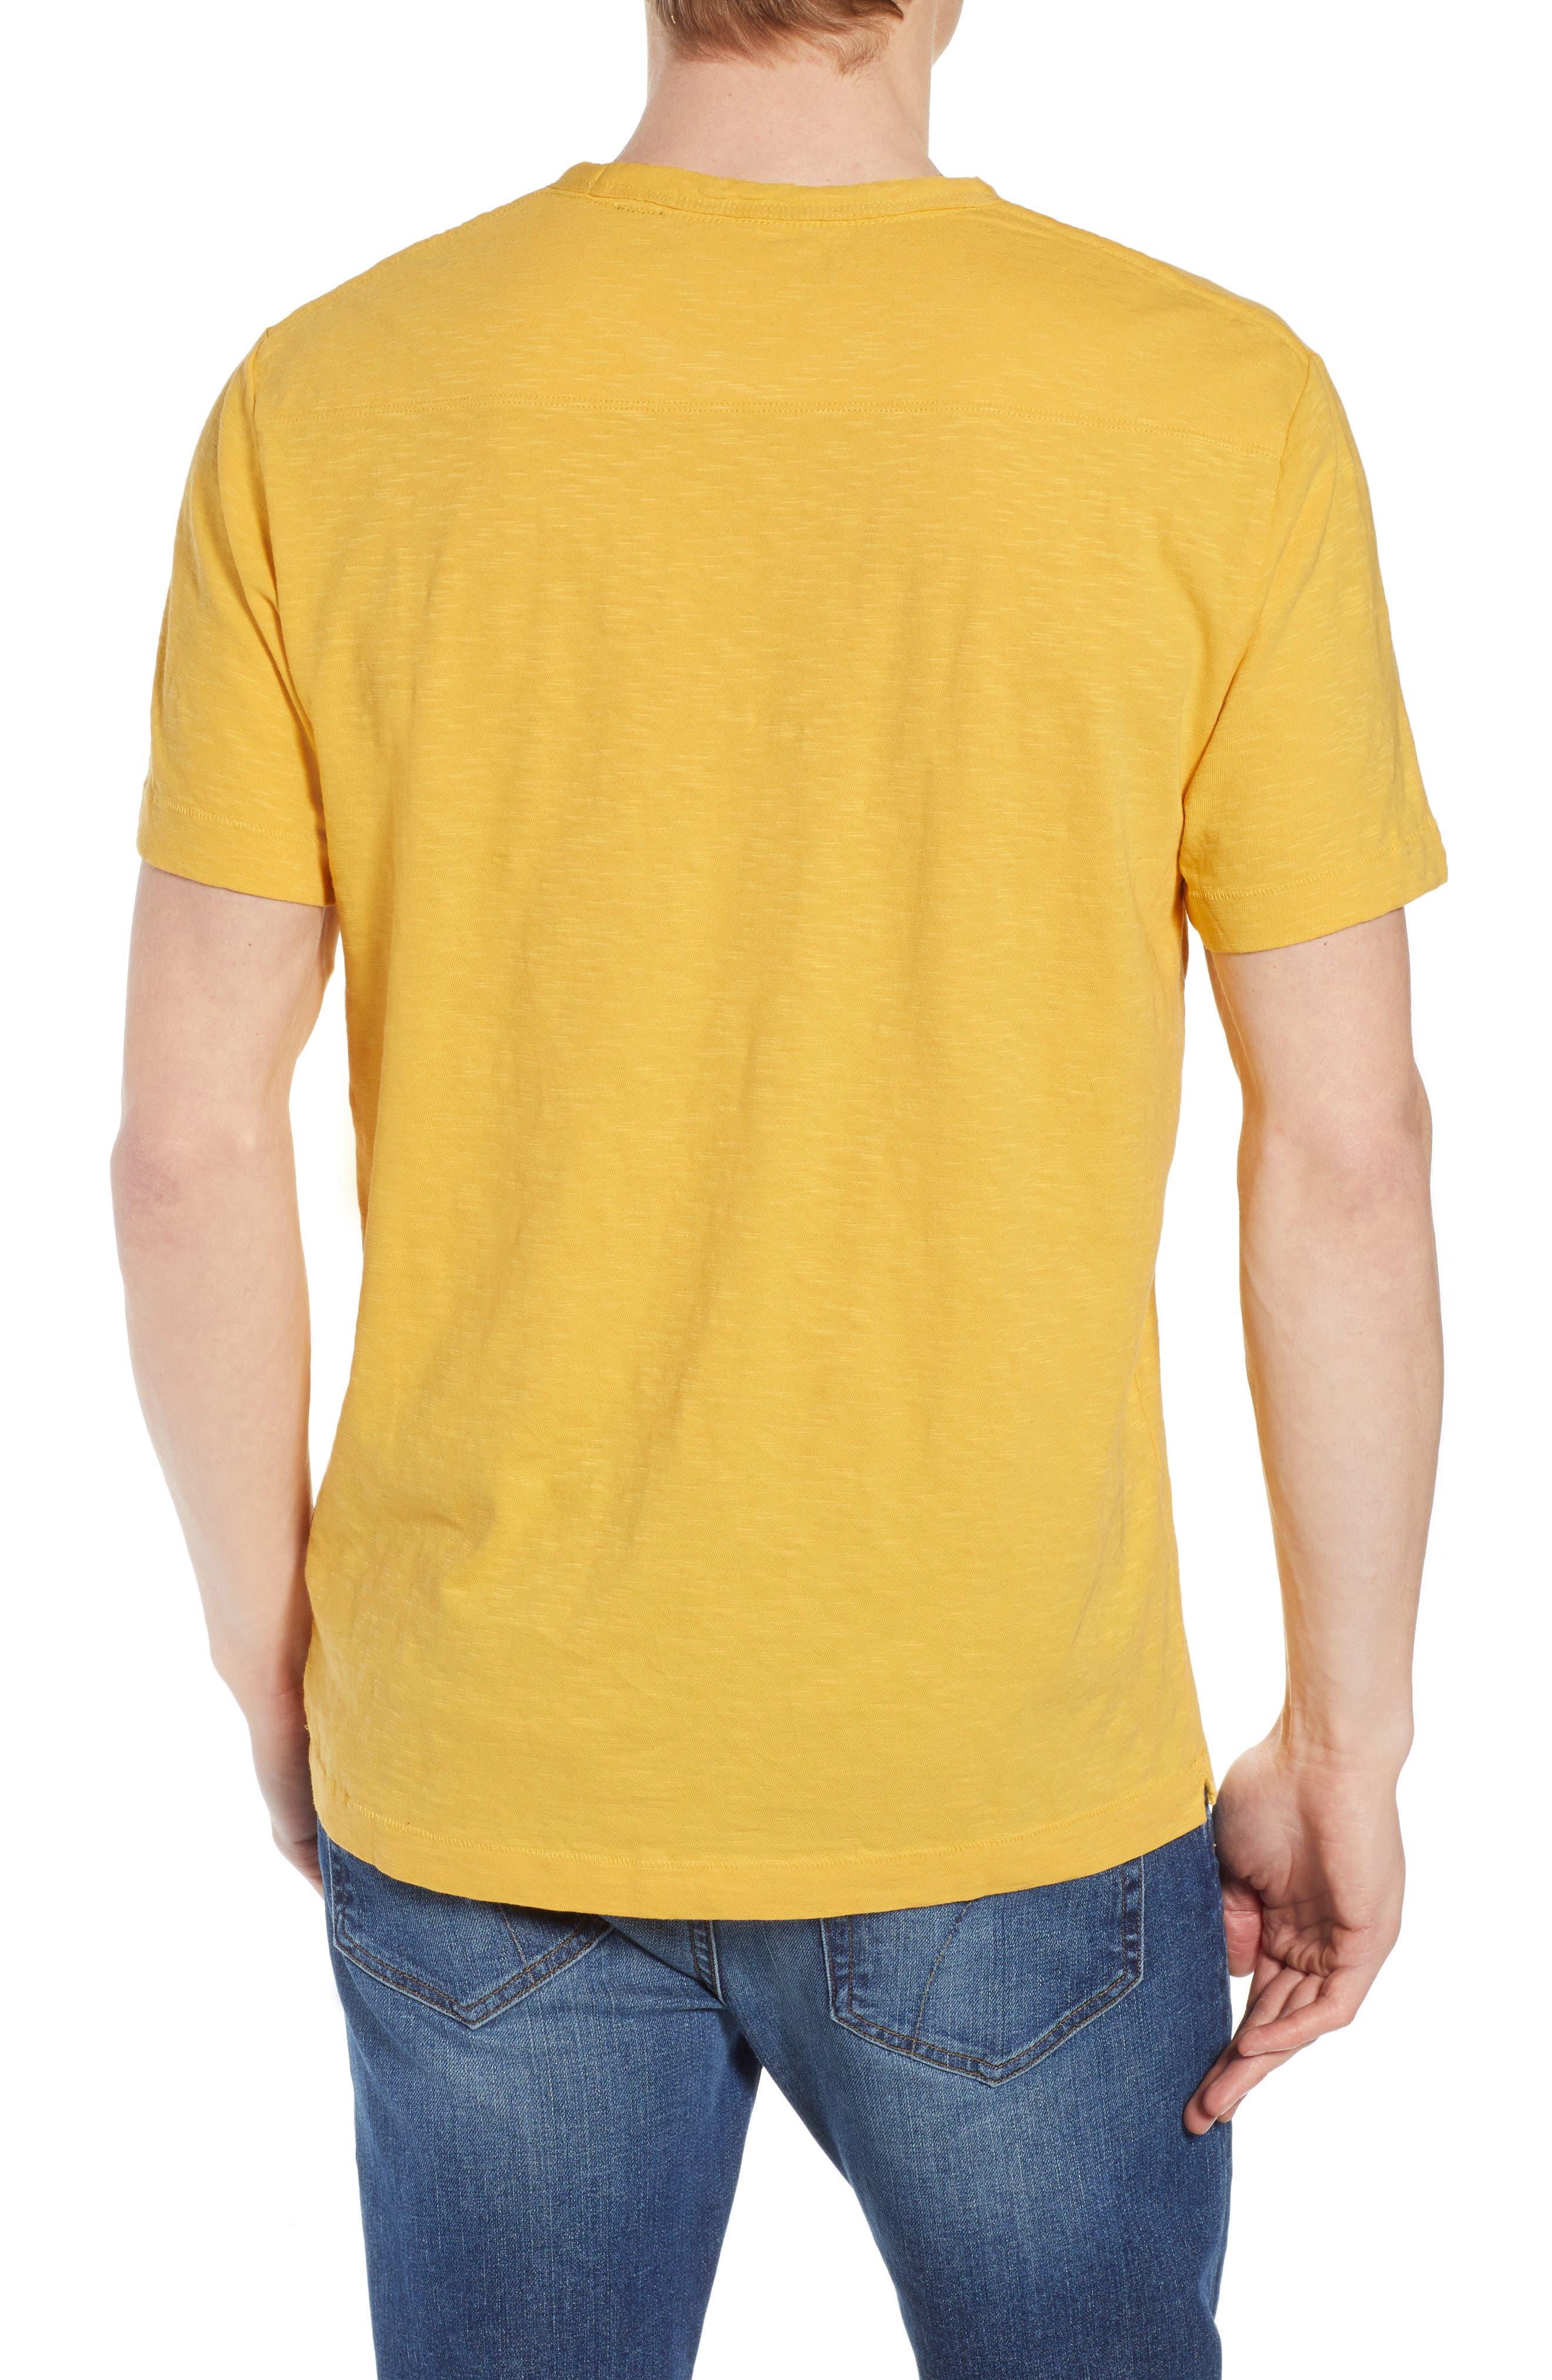 Soleil T-Shirt,                             Alternate thumbnail 2, color,                             731